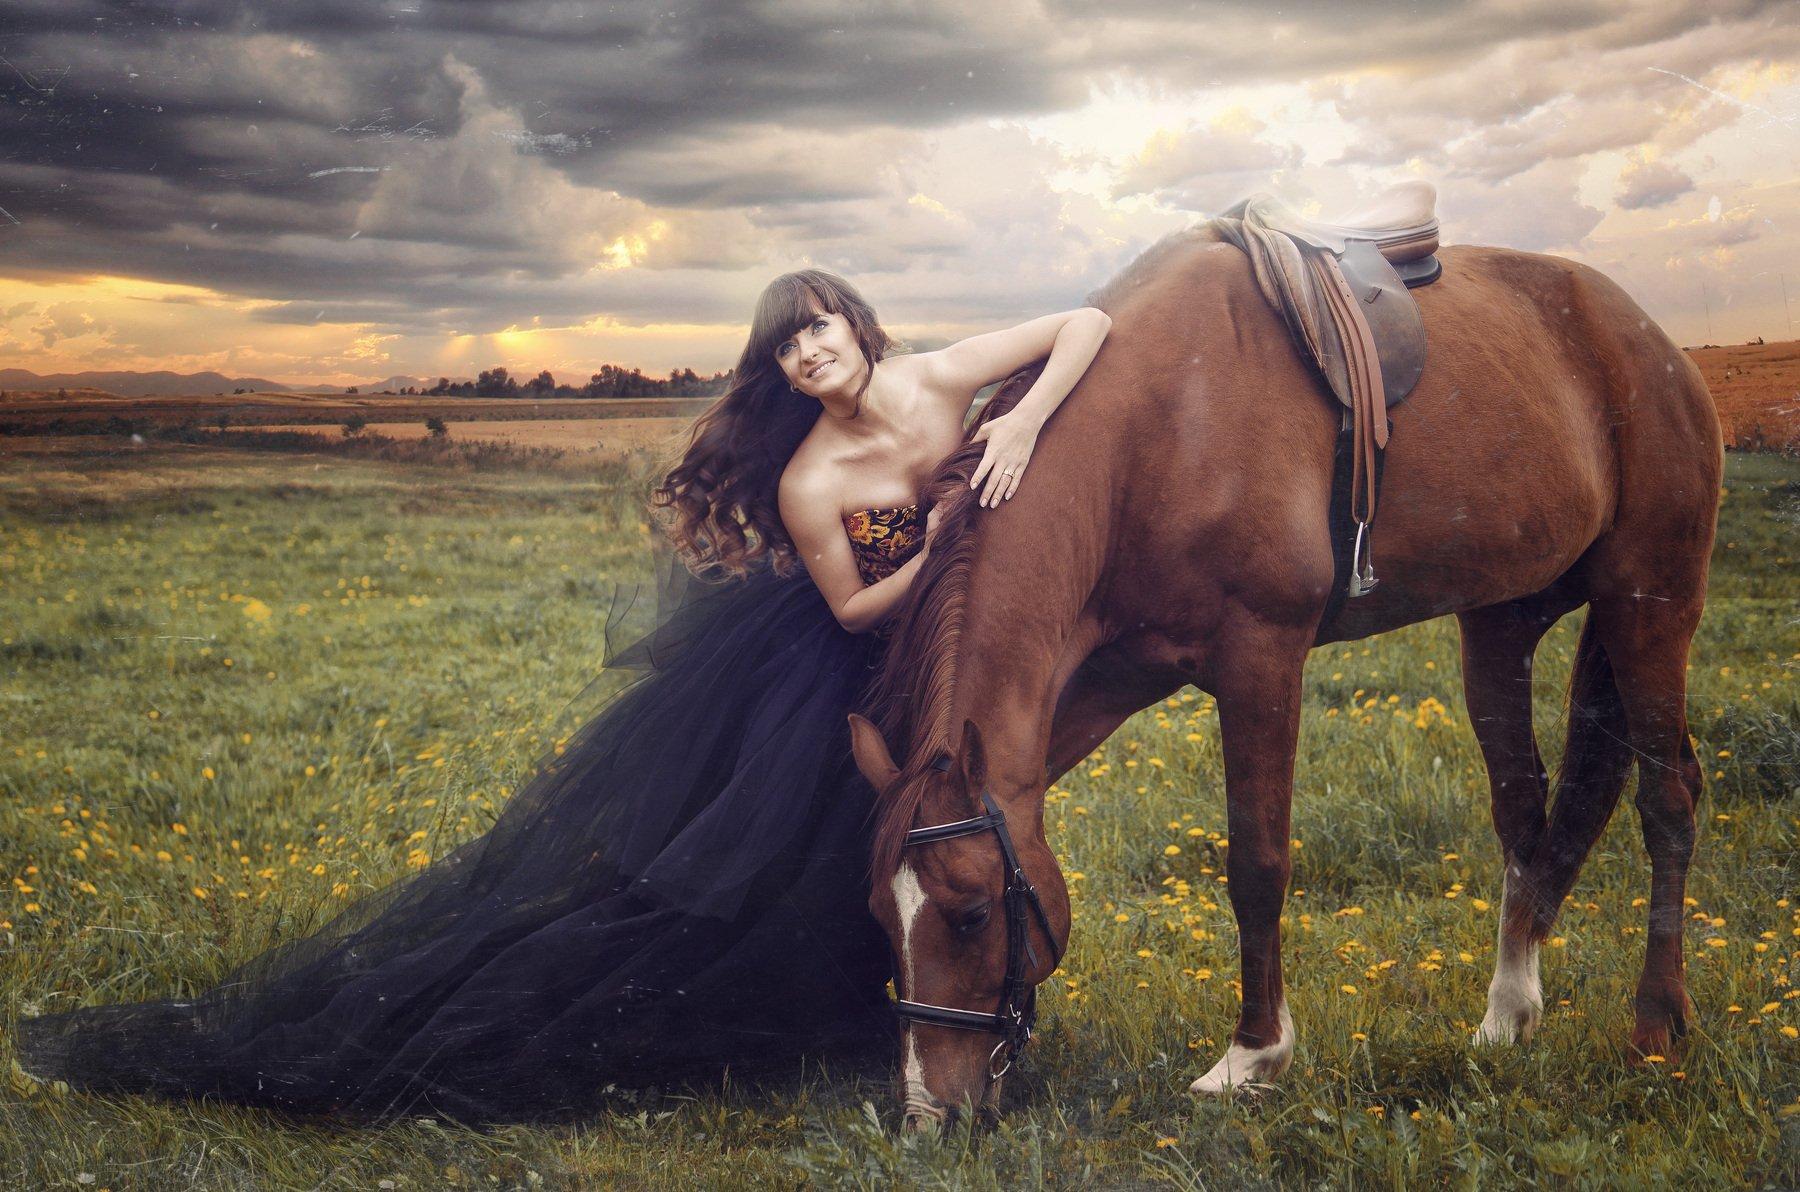 девушка, модель, красота, лошадь, луг, гроза, фатин, платье, трава, небо, тучи, солнце, улыбка, сказка, история, седло, прическа, ветер, Максим Михайлов